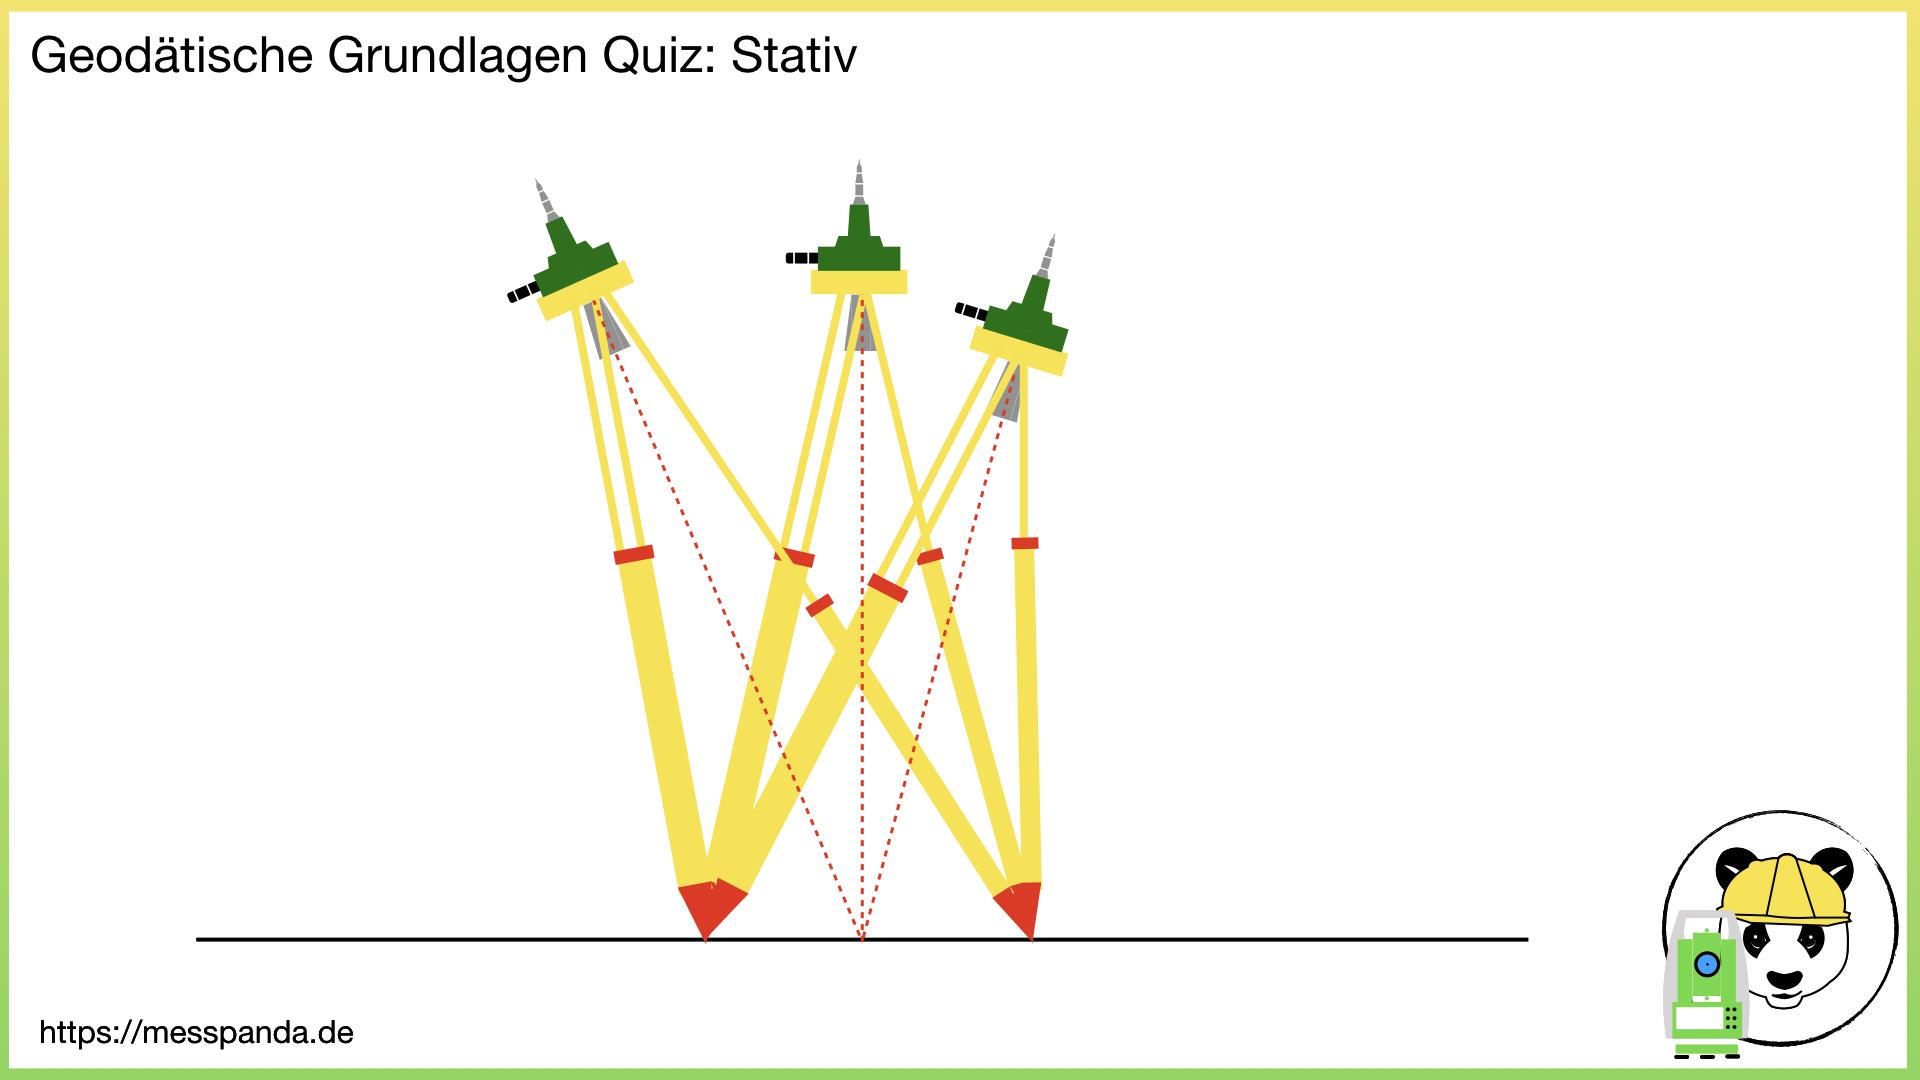 Image for Wie wird ein Stativ auch genannt?